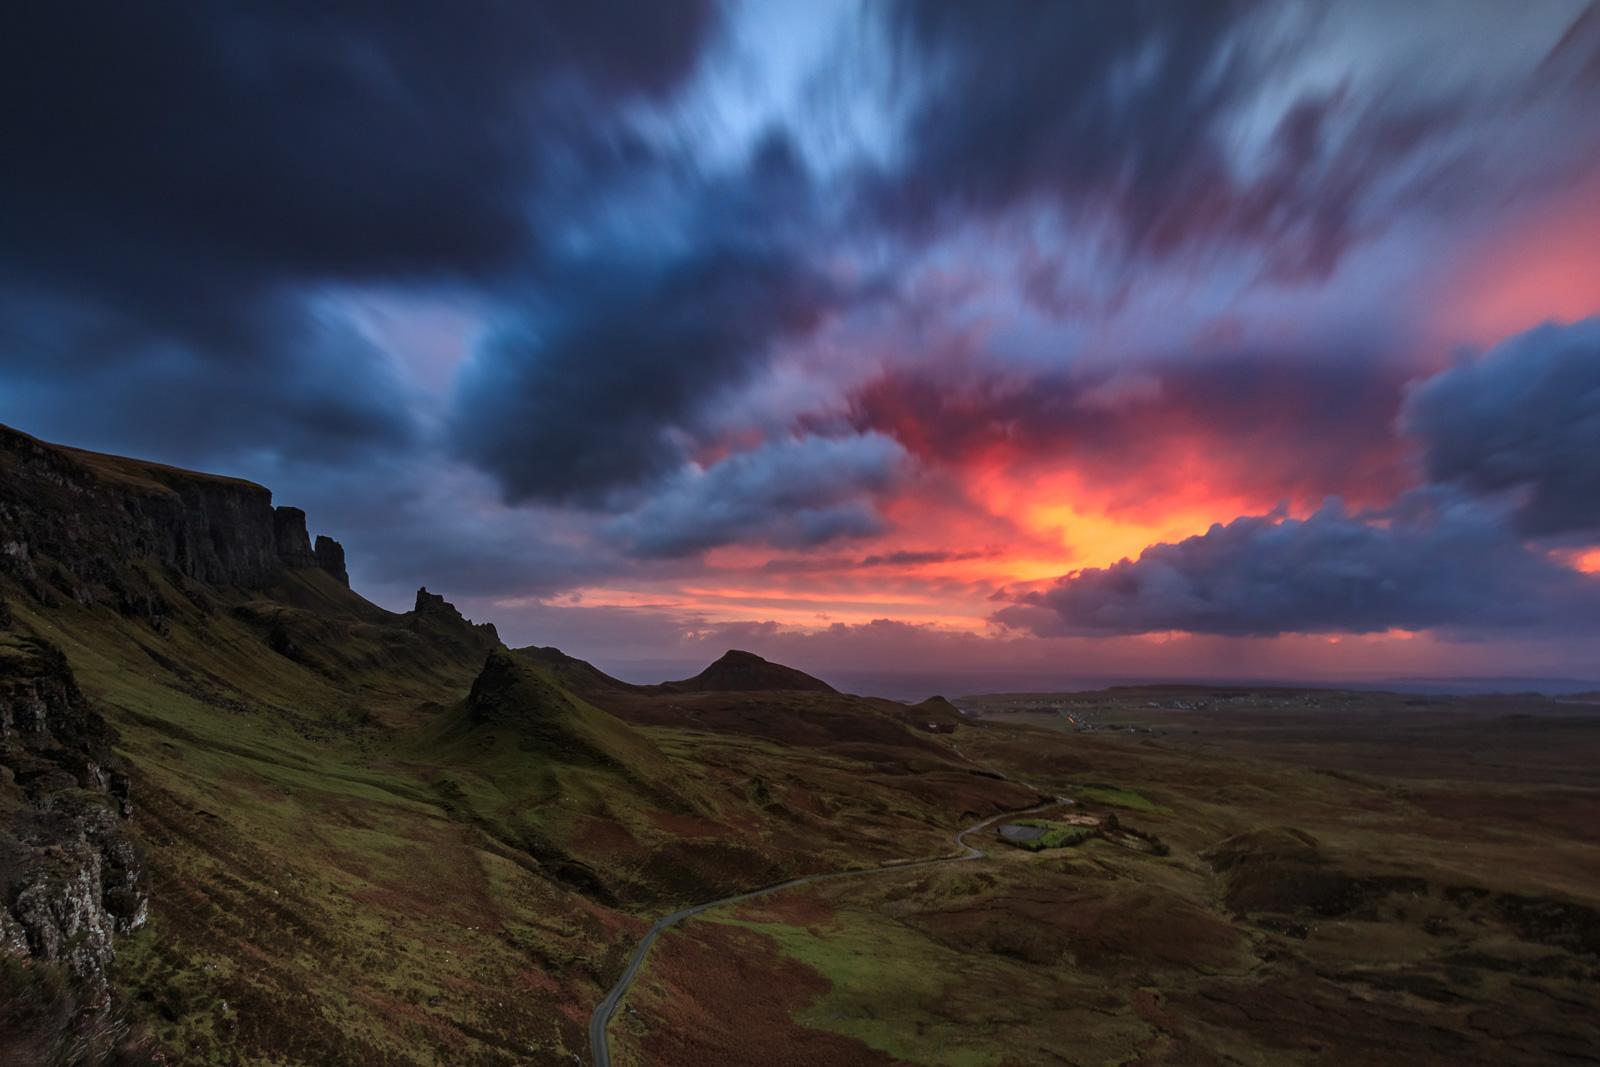 Und der Himmel brennt – Sonnenaufgang am Quiraing